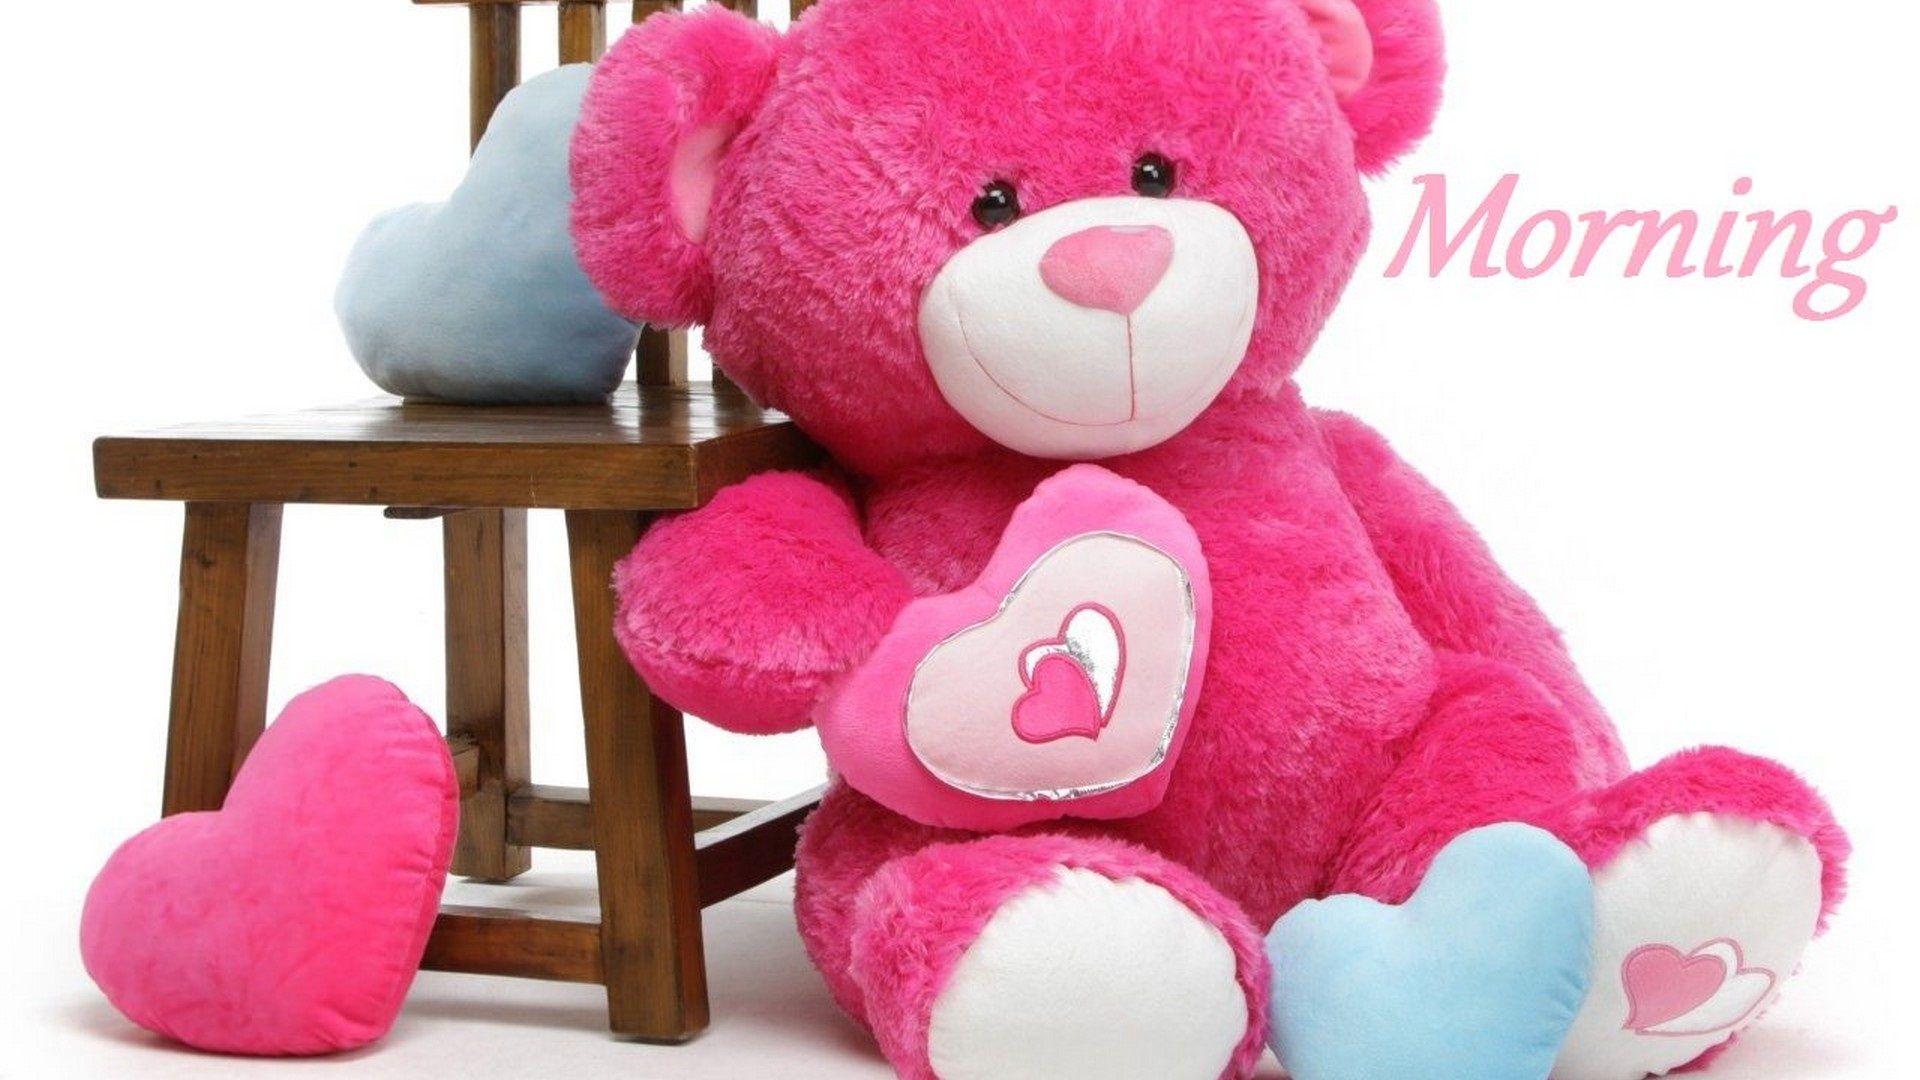 Best Teddy Bear Giant Wallpaper Best Hd Wallpapers Best Teddy Bear Pink Teddy Bear Pink Teddy